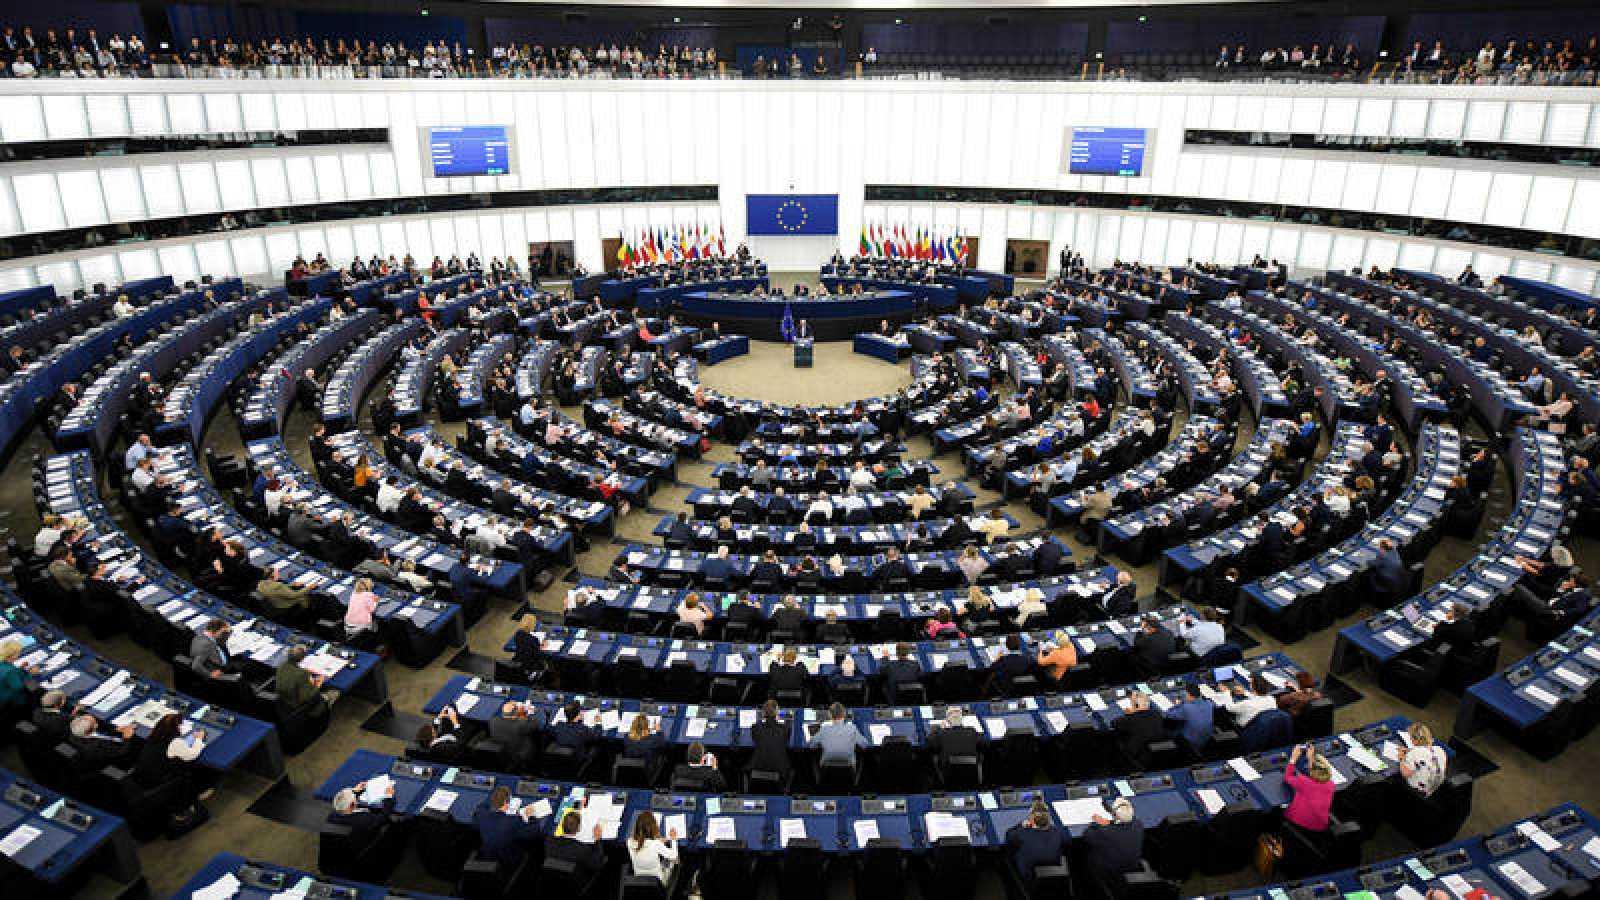 El máximo representante del organismo, Antonio Tajani, expresó que seguirá luchando por el establecimiento de la democracia en Venezuela